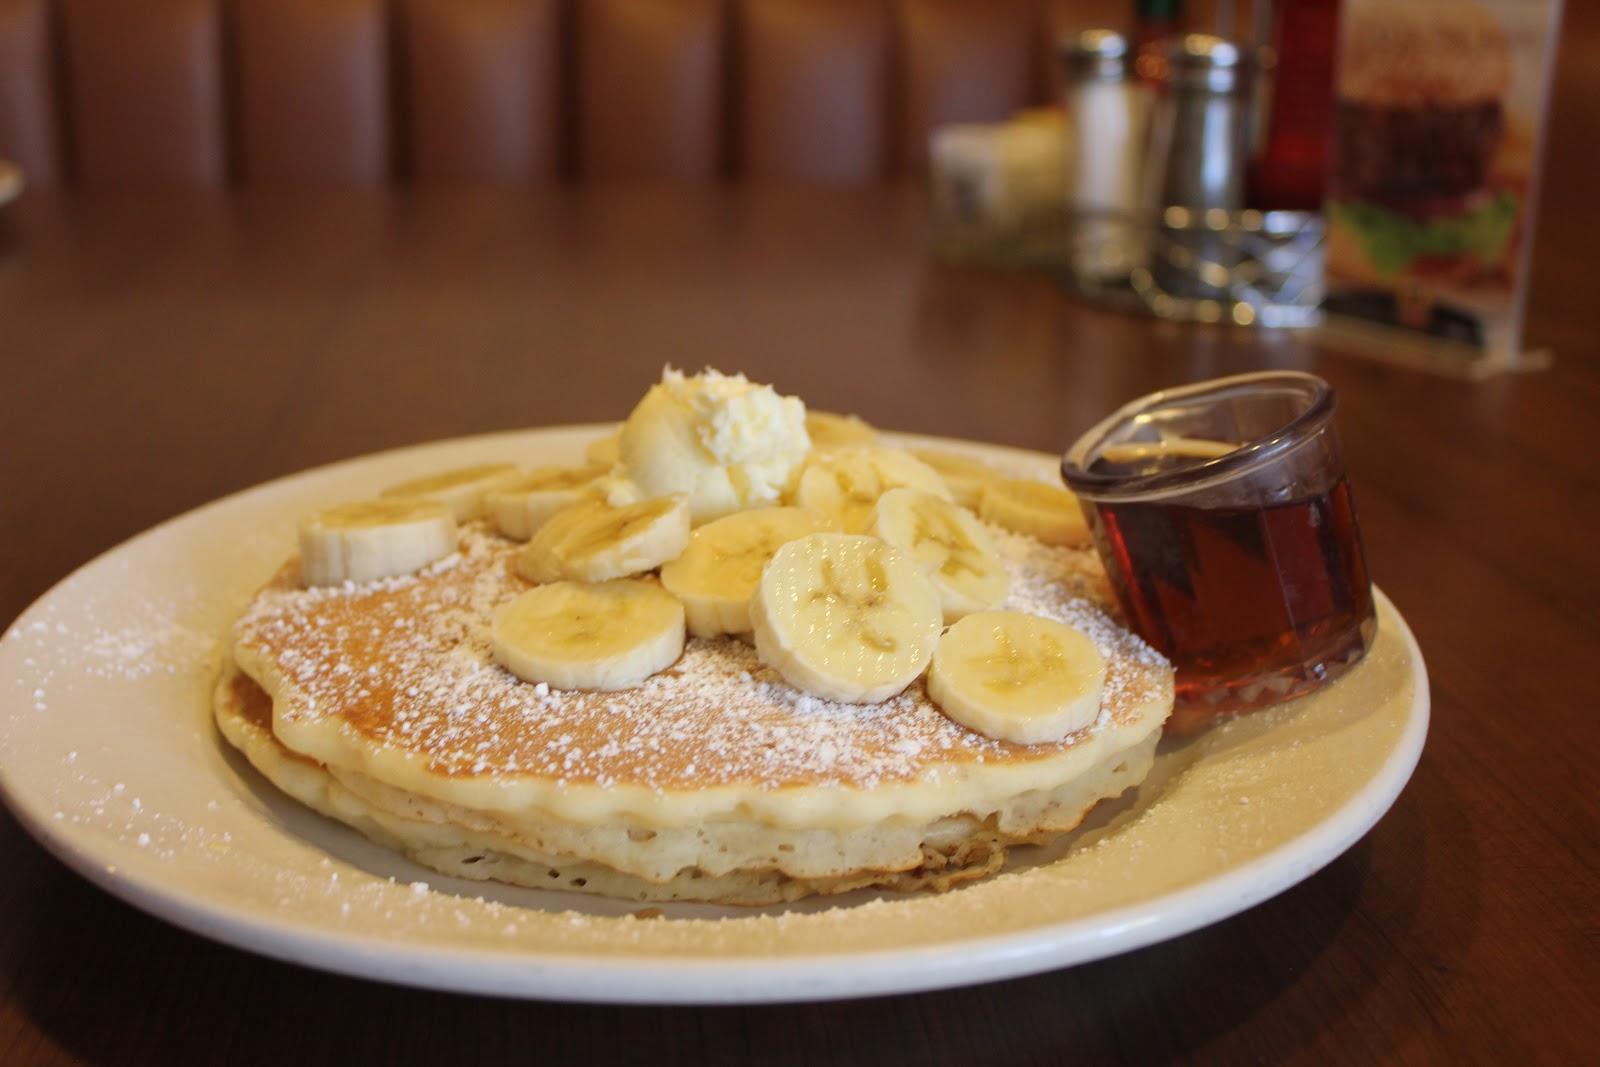 Breakfast Club of Menifee Launches Updated Menu Options   Menifee 24/7